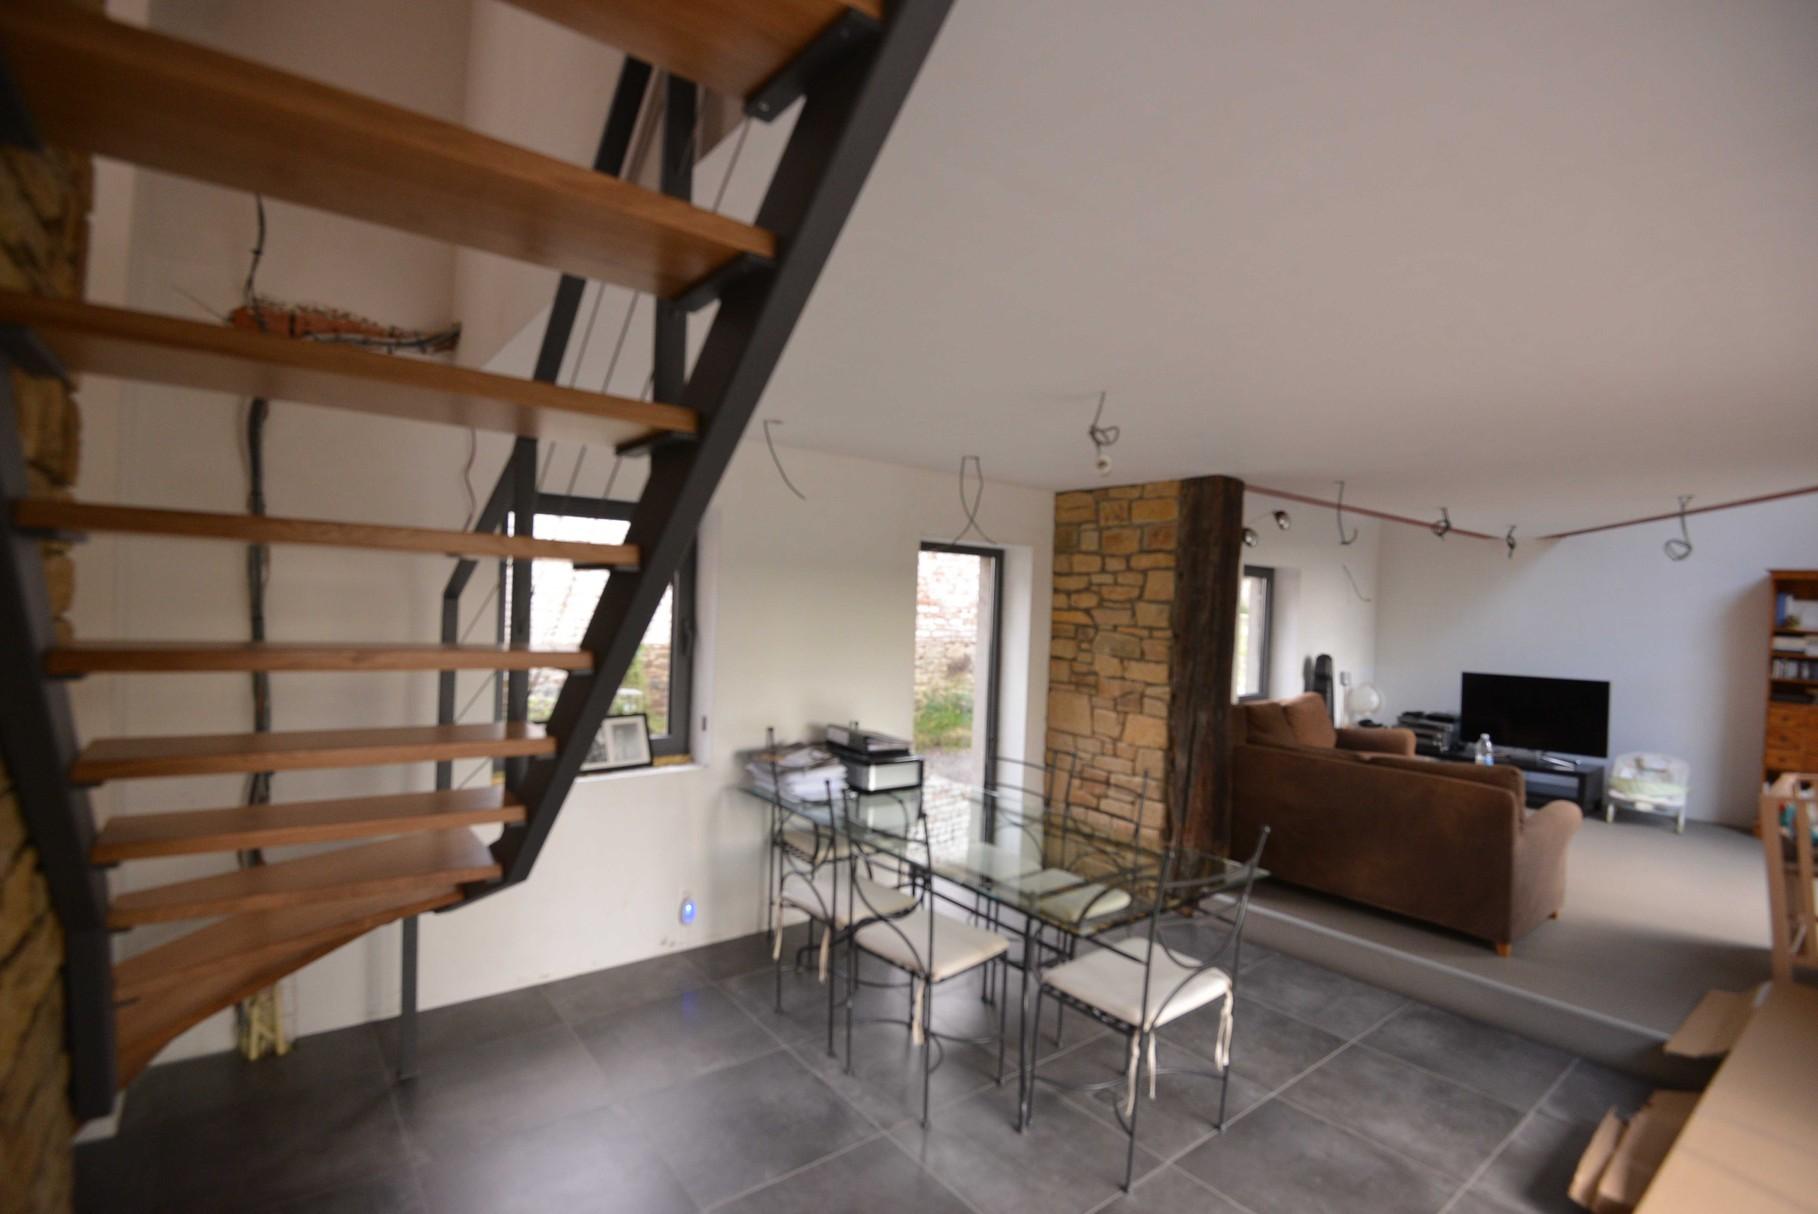 sprimont rue esquisse bureau d 39 architecture. Black Bedroom Furniture Sets. Home Design Ideas